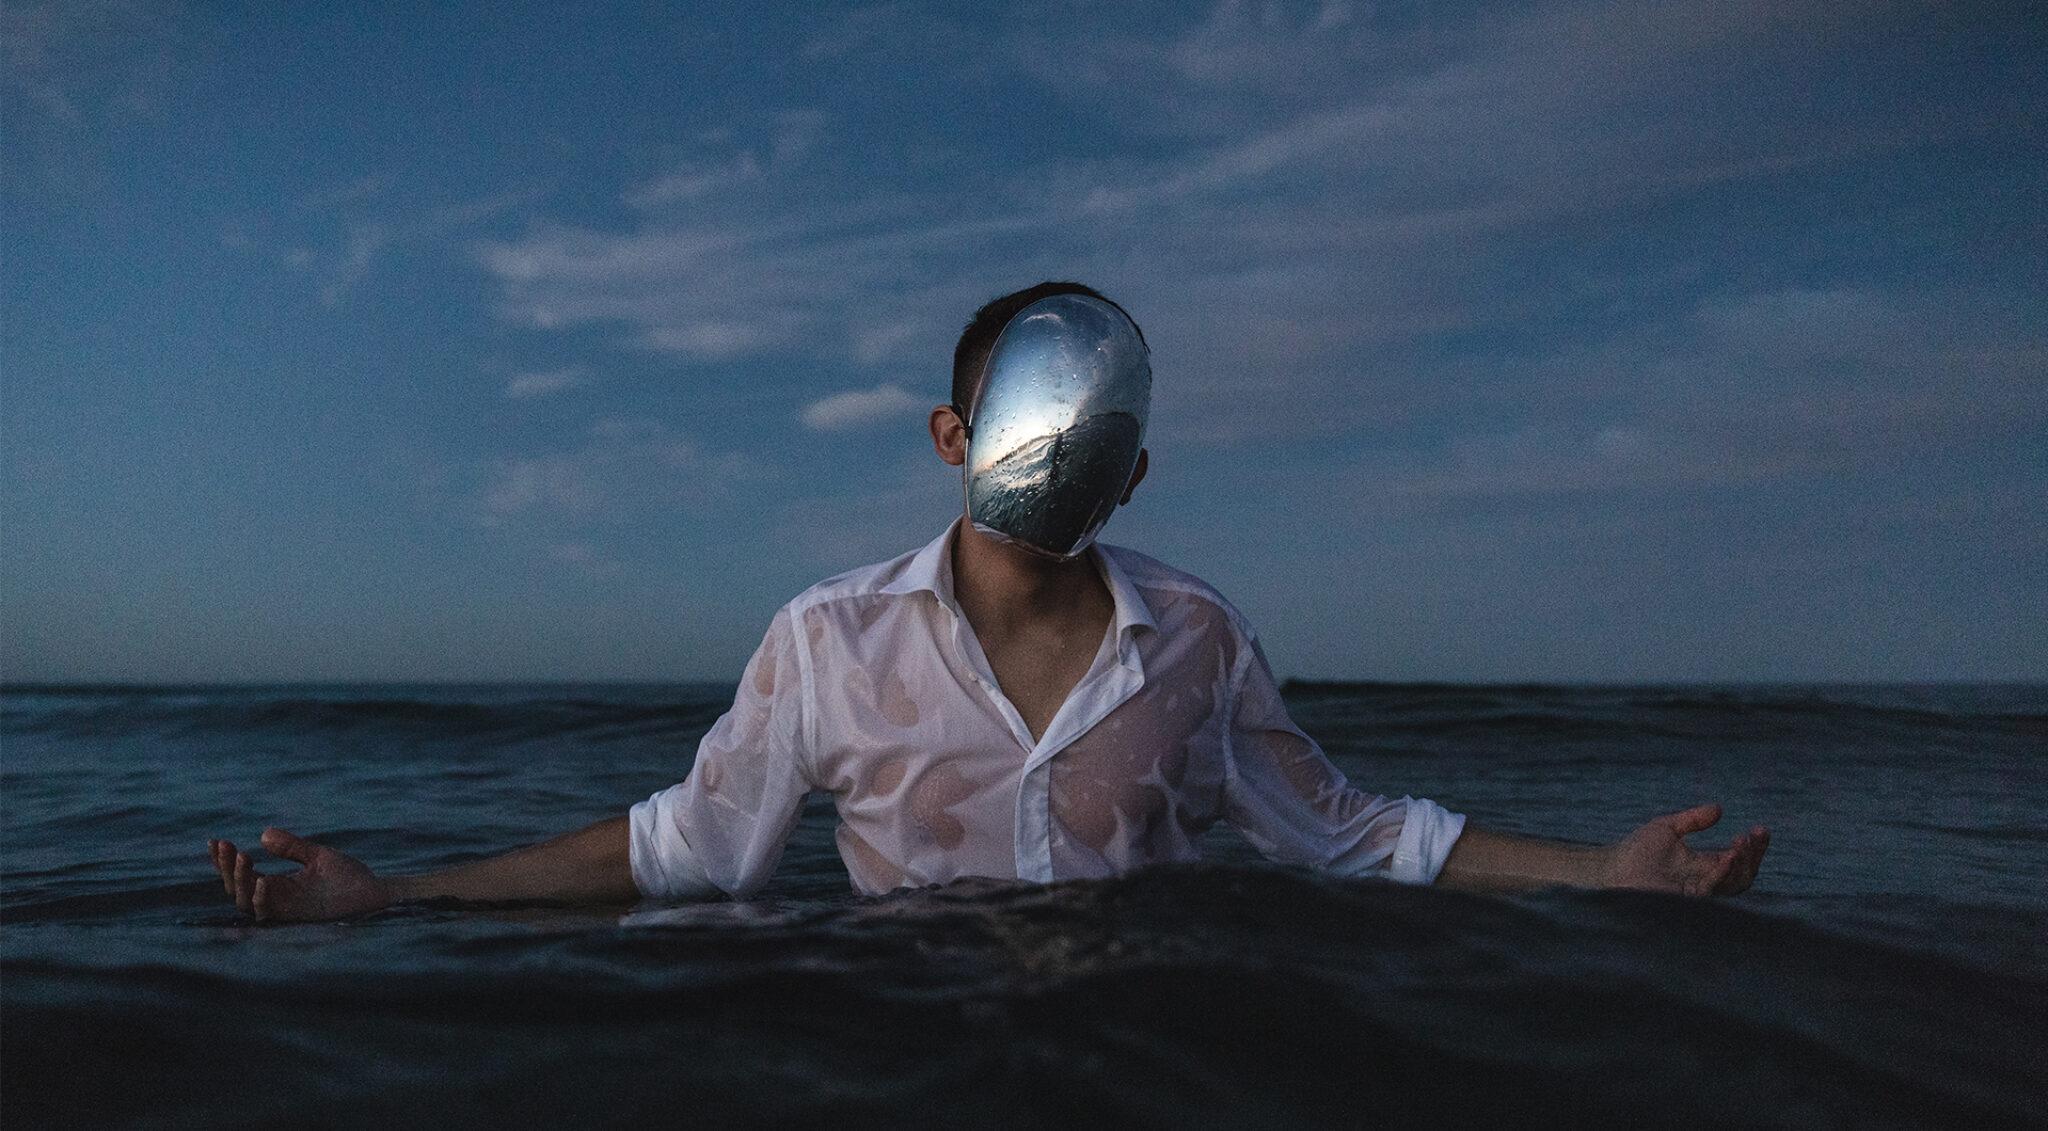 Ein Mann mit weißem Hemd steht bis zur Brust im Meer, vor dem Gesicht trägt er eine silberne Maske.